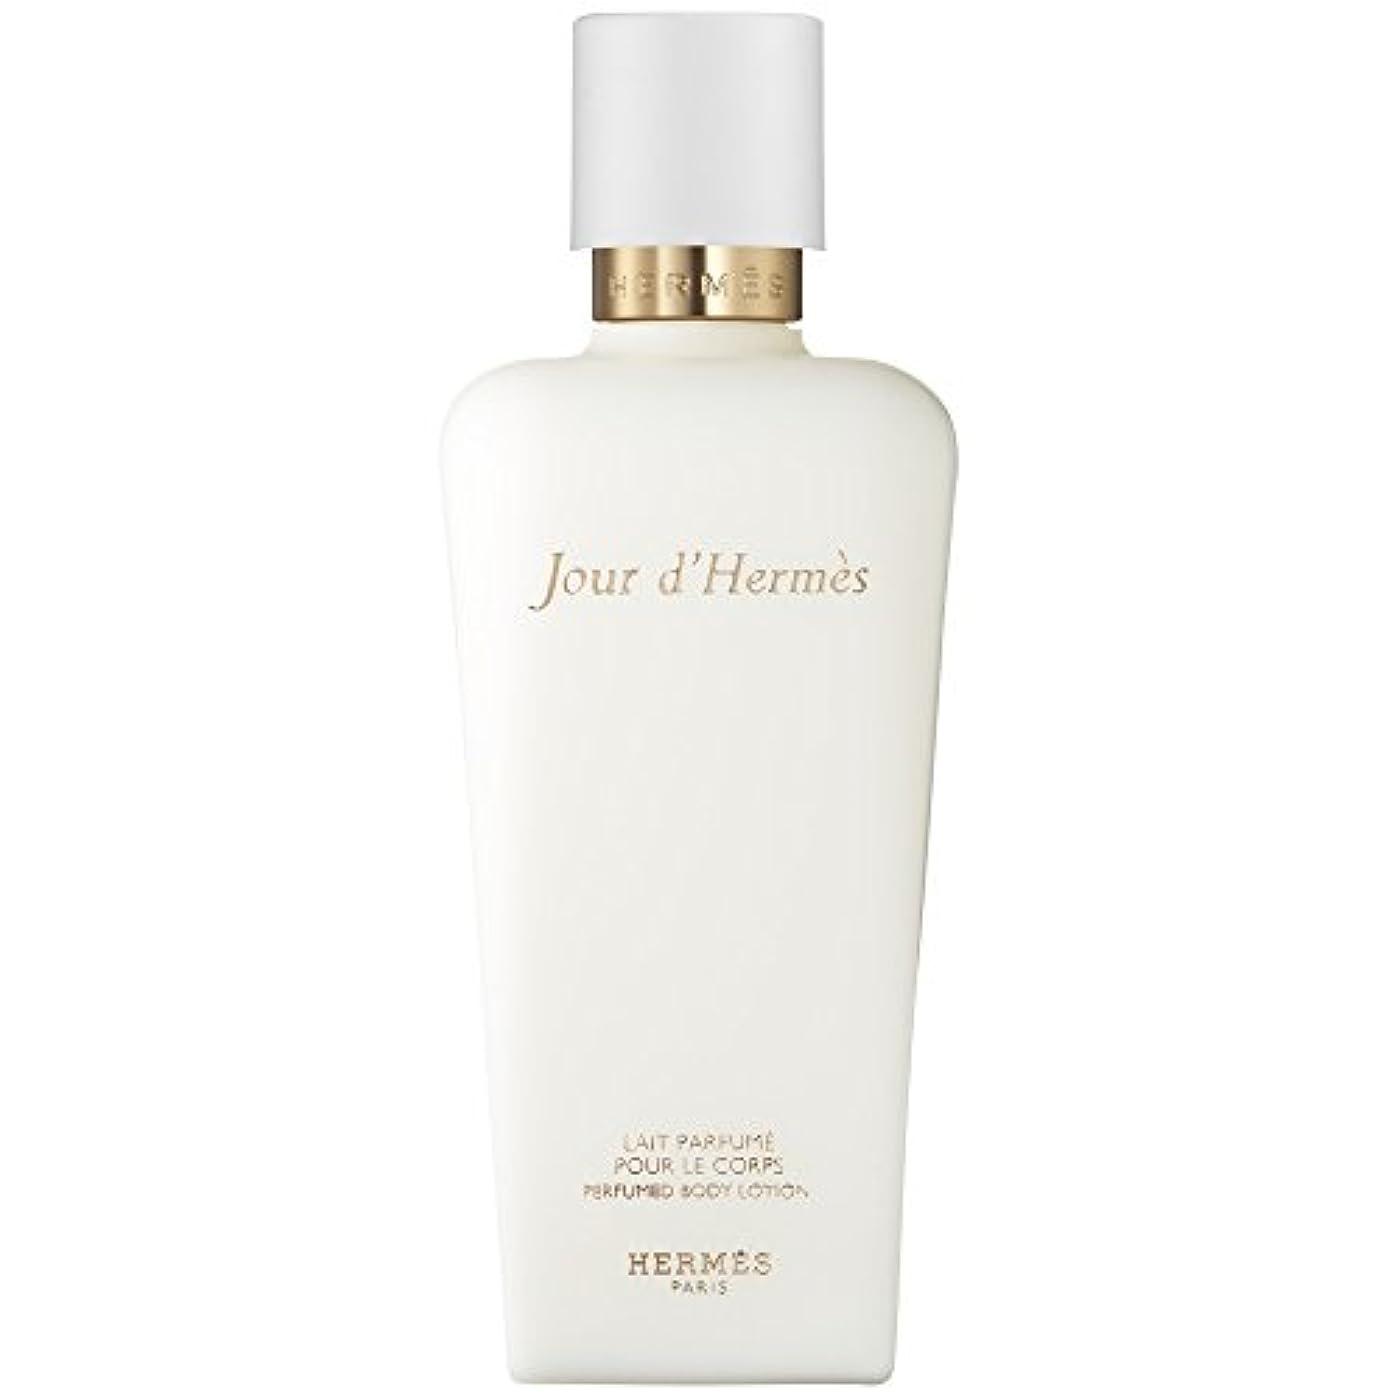 補う日食どんなときもエルメスJourのドールエルメス賦香ボディローション200ミリリットル (HERM?S) (x6) - HERM?S Jour d'Herm?s Perfumed Body Lotion 200ml (Pack of 6...